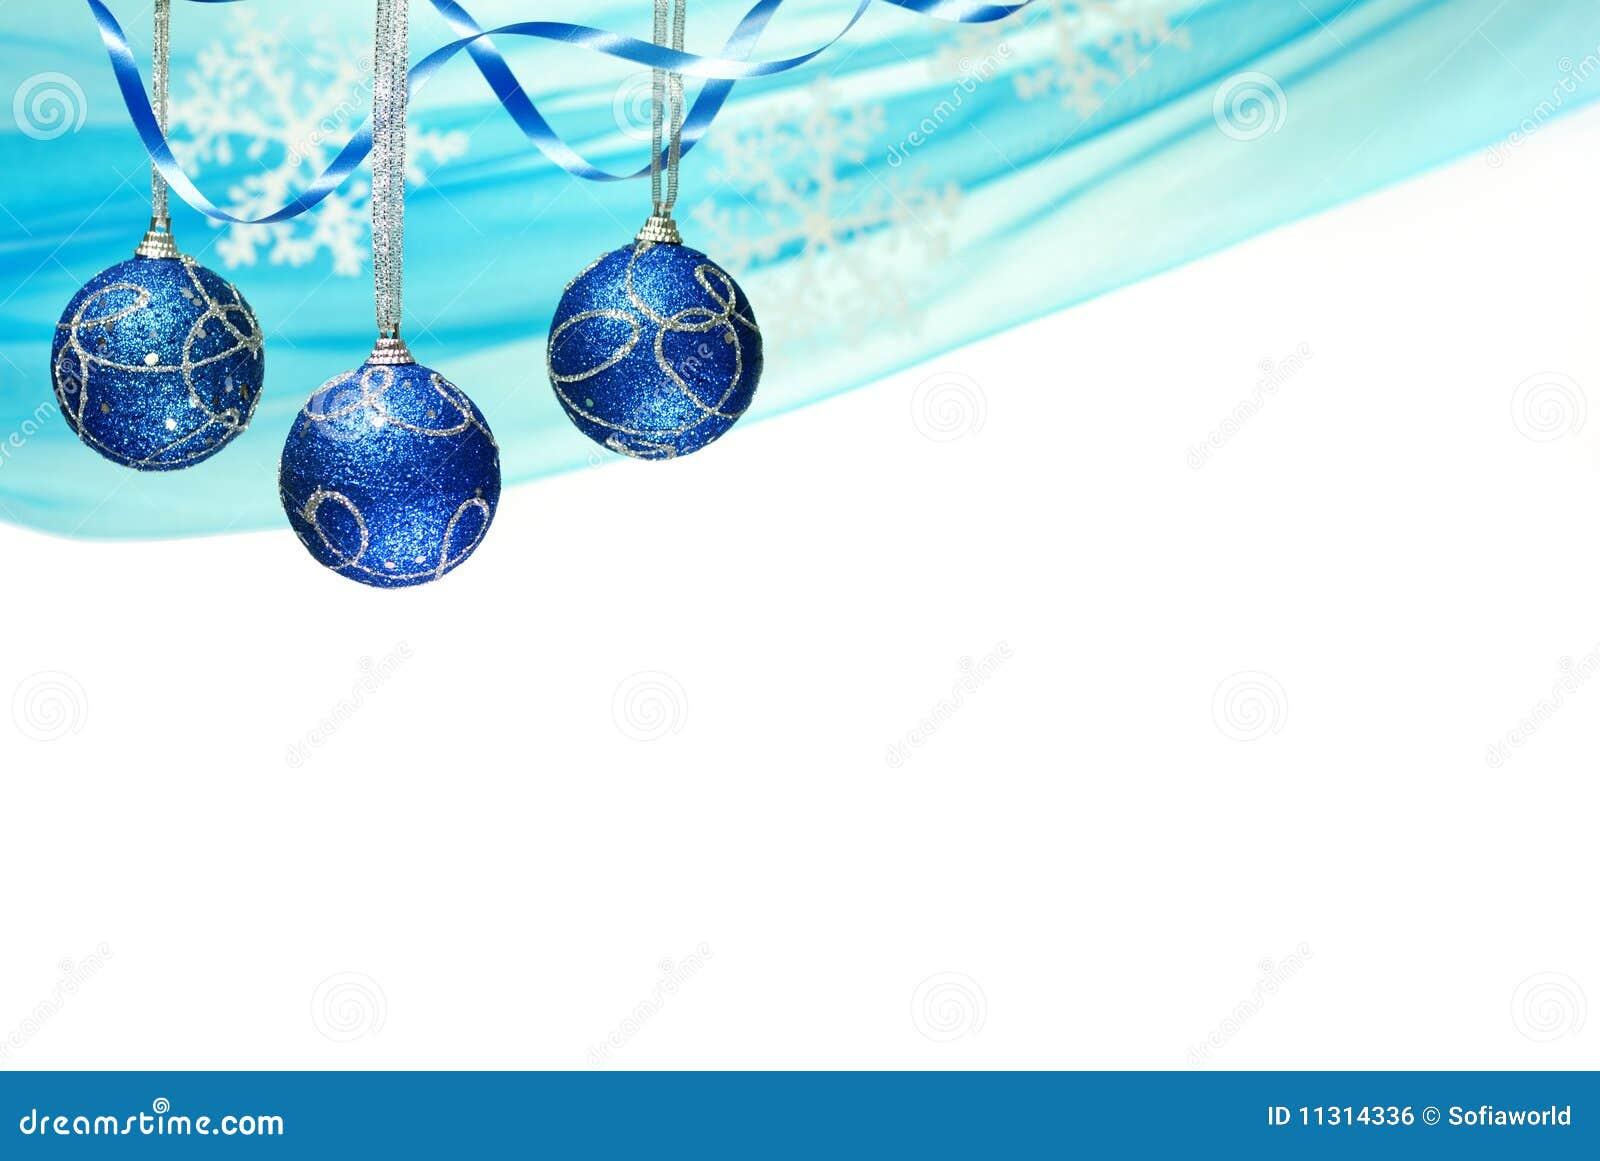 Weihnachtsverzierungen